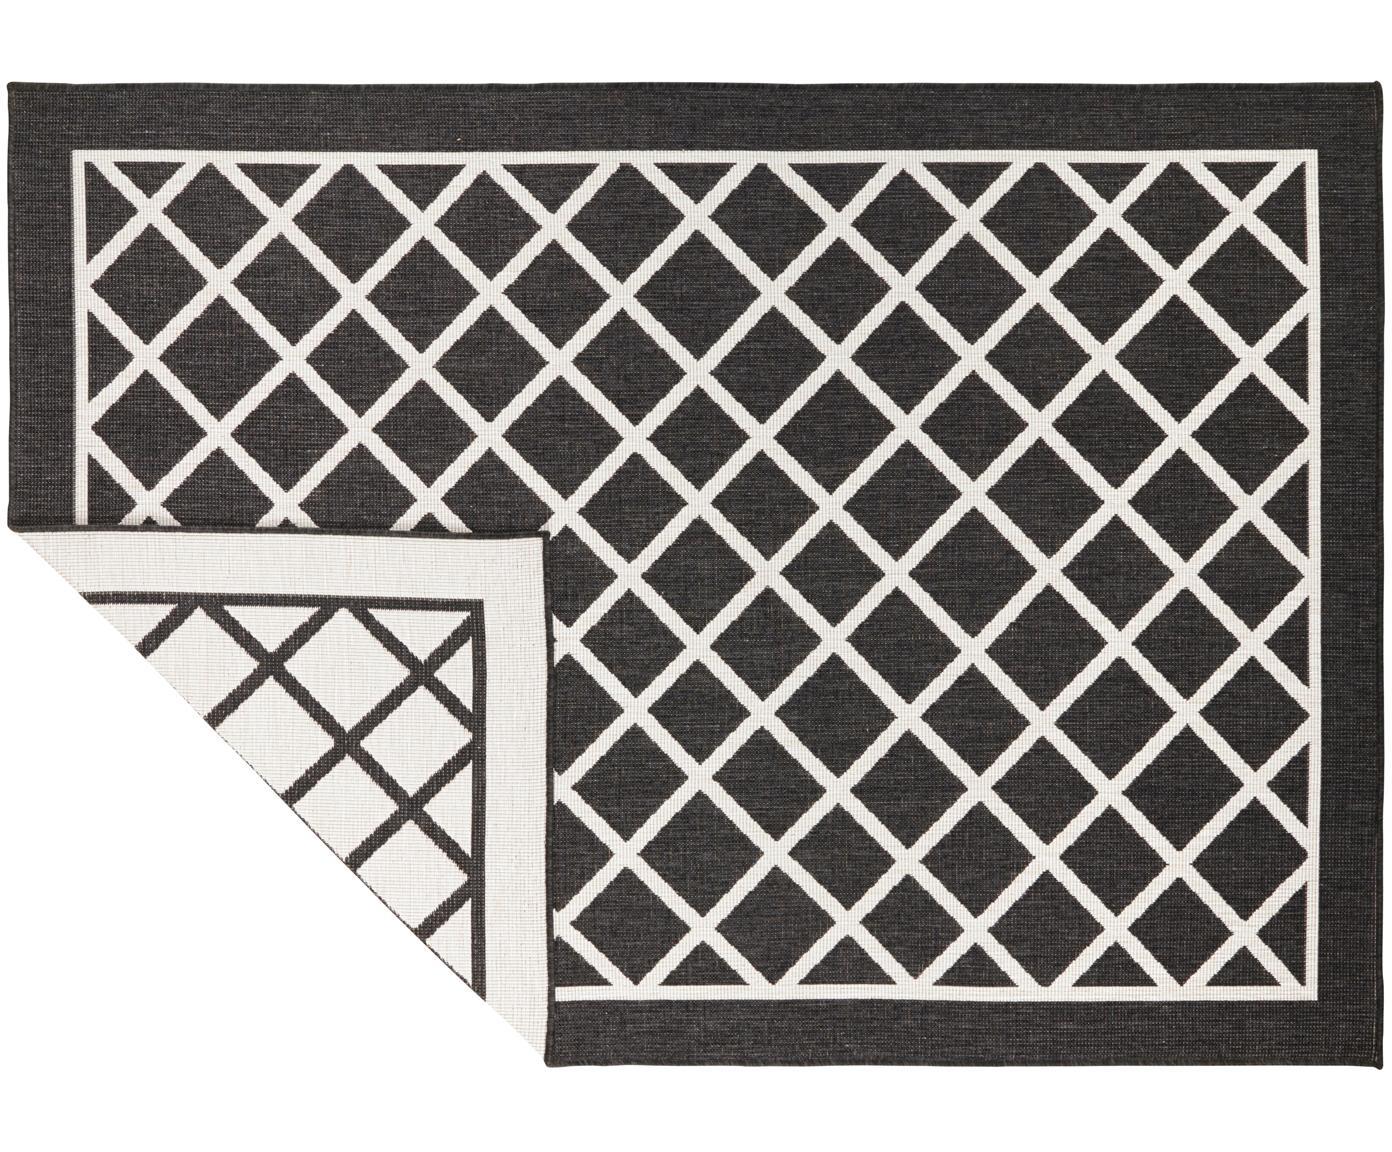 Tappeto reversibile da interno-esterno Sydney, Nero, crema, P 120 x L 170 cm